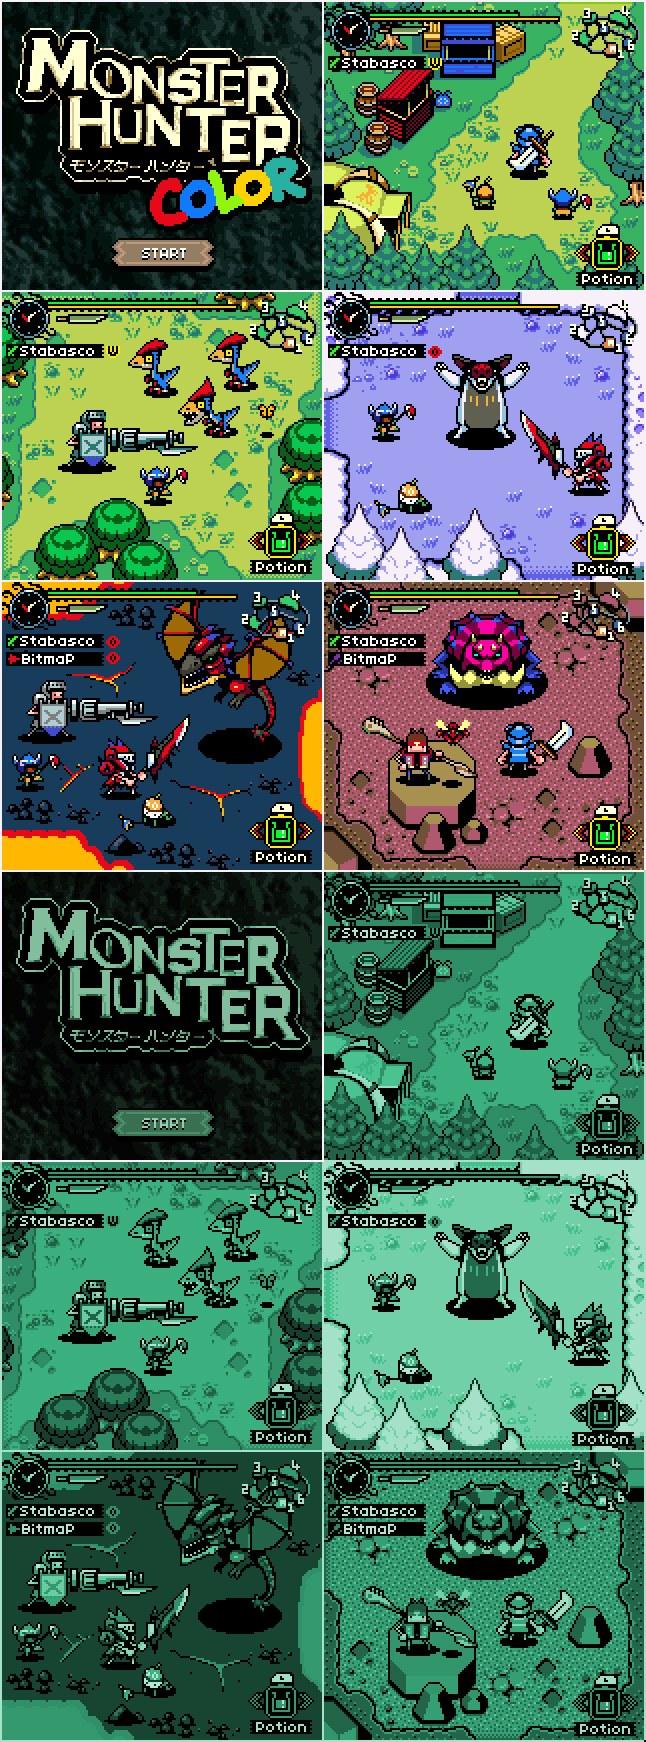 Imaginan cómo sería Monster Hunter en Game Boy y Game Boy Color